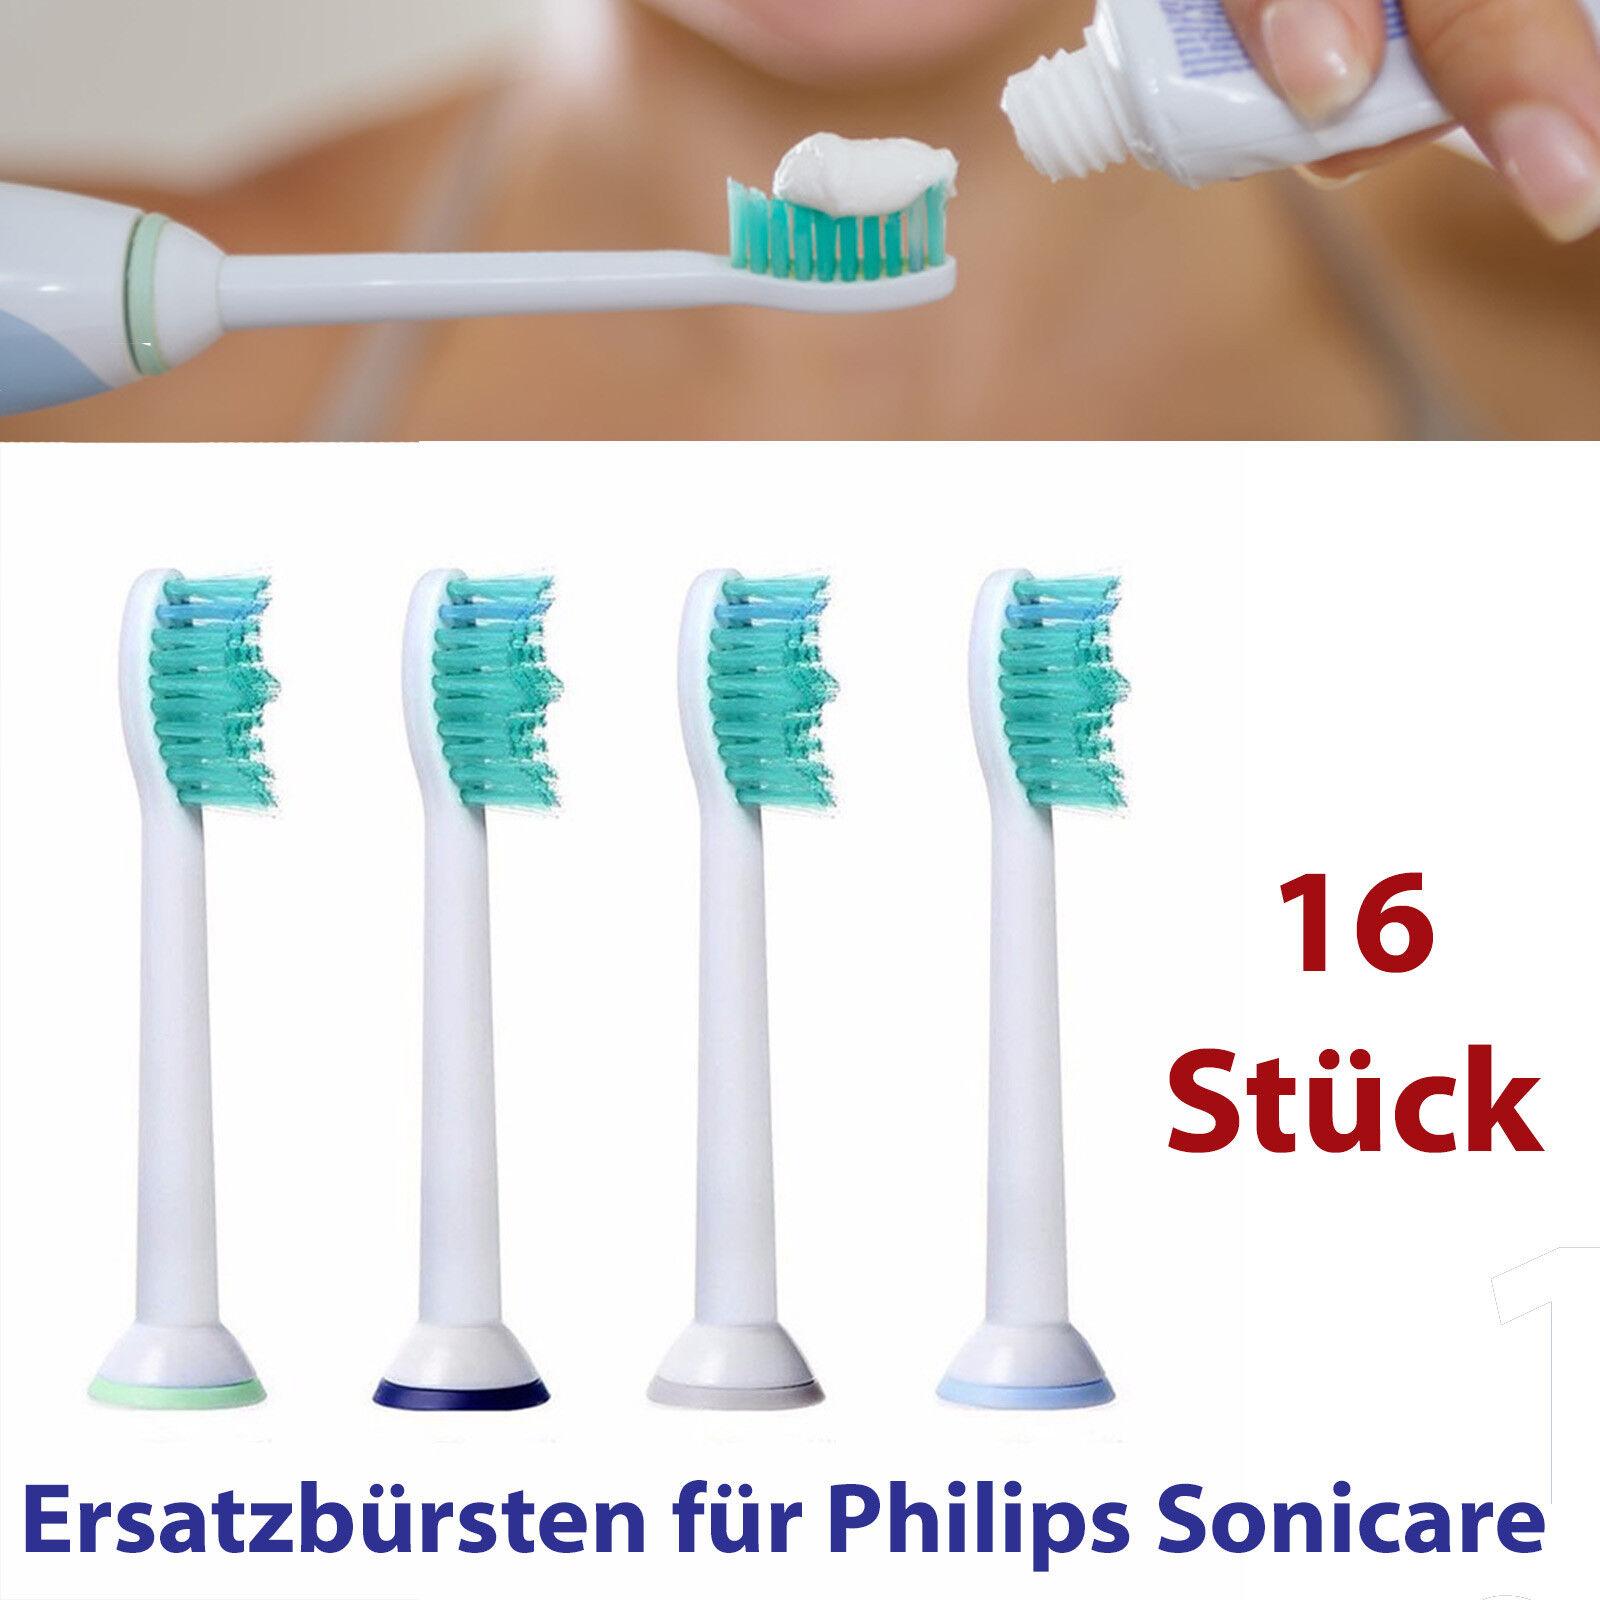 16 Philips Sonicare passende Aufsteckbürsten Ersatzbürsten Pro Results Aufsätze